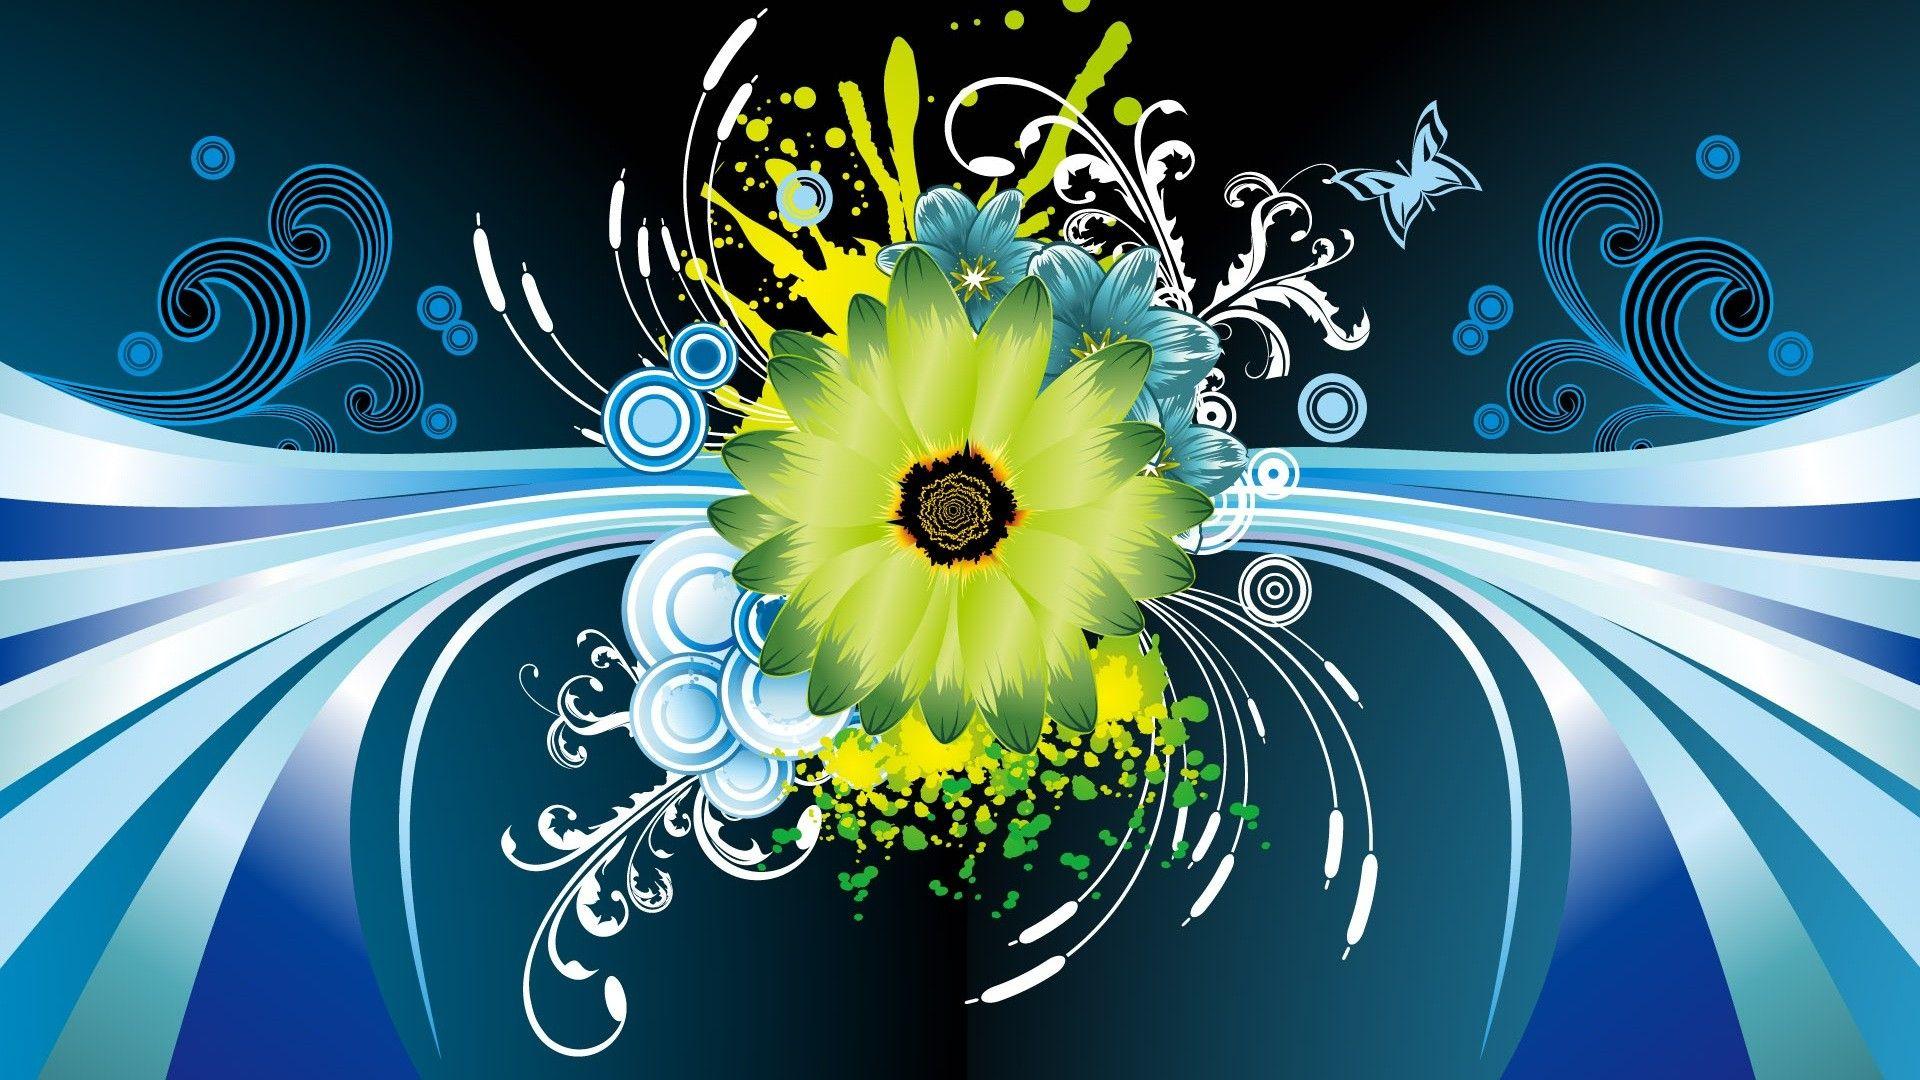 Hd wallpaper vector - Flower Vector Design Hd Wallpaper